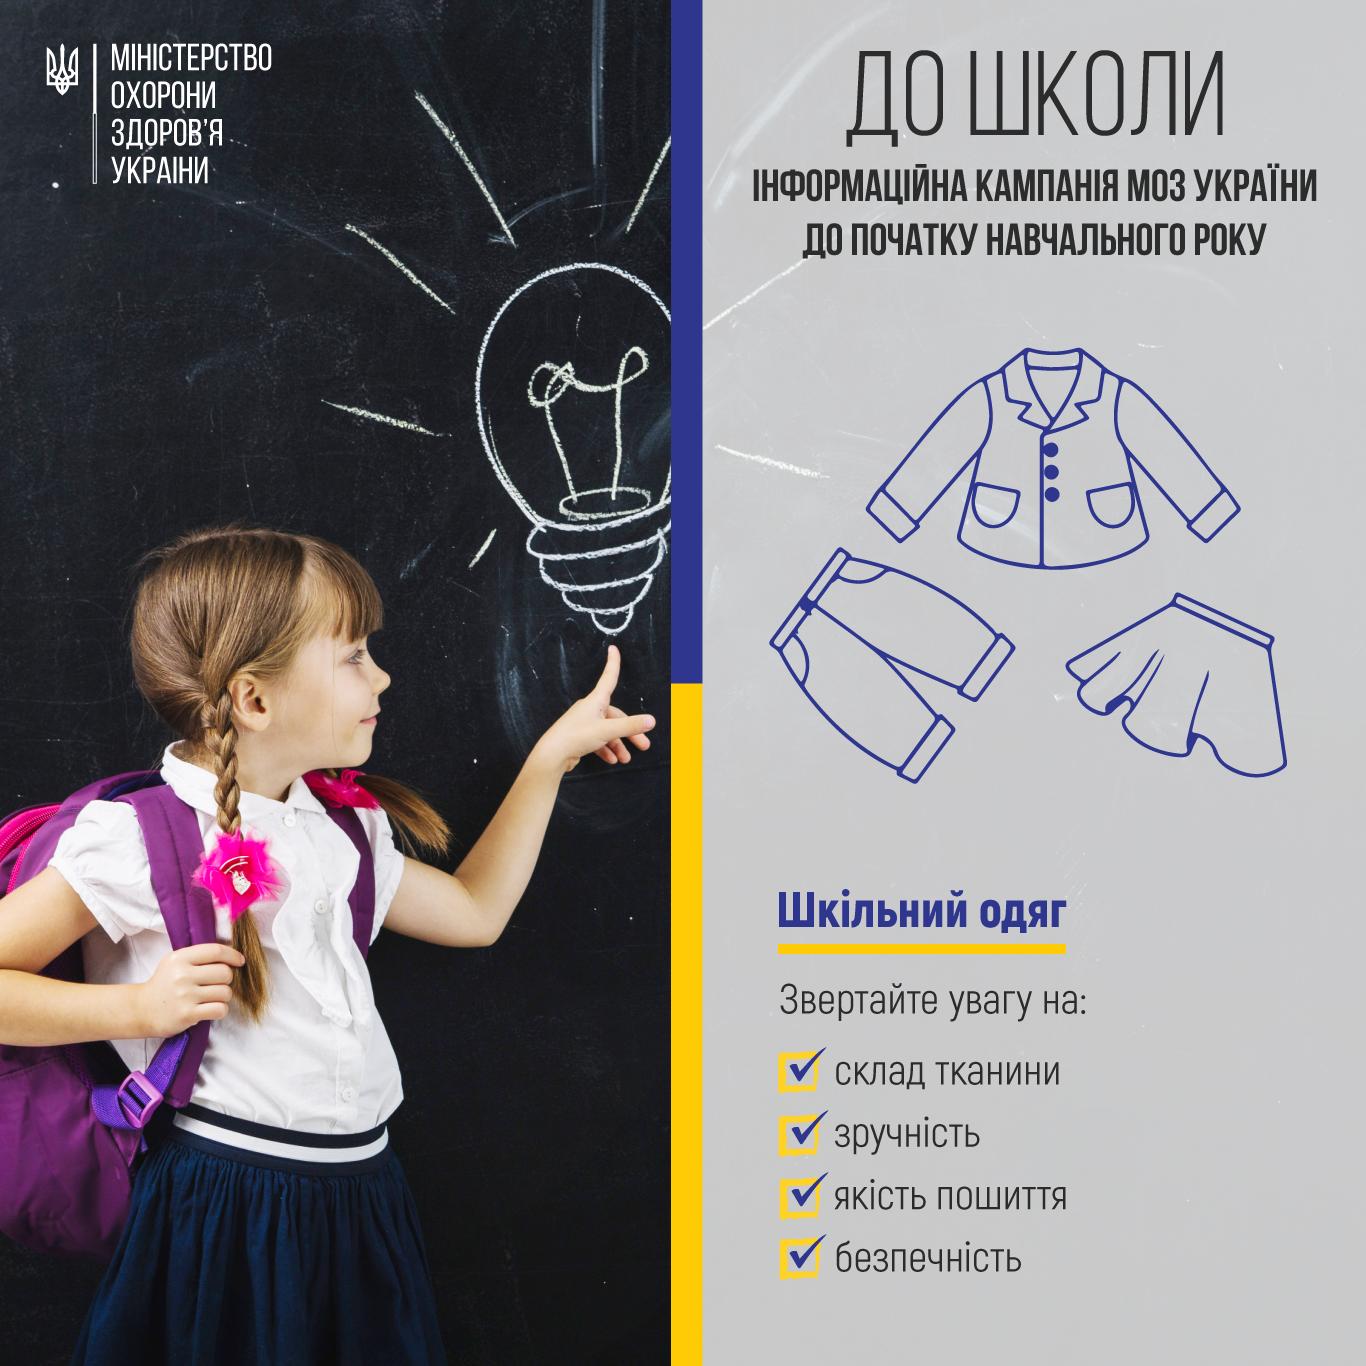 Натільна білизна першокласників (дітей до 7 років) має бути виготовлена  виключно із натуральних тканин. 348dd22214f53